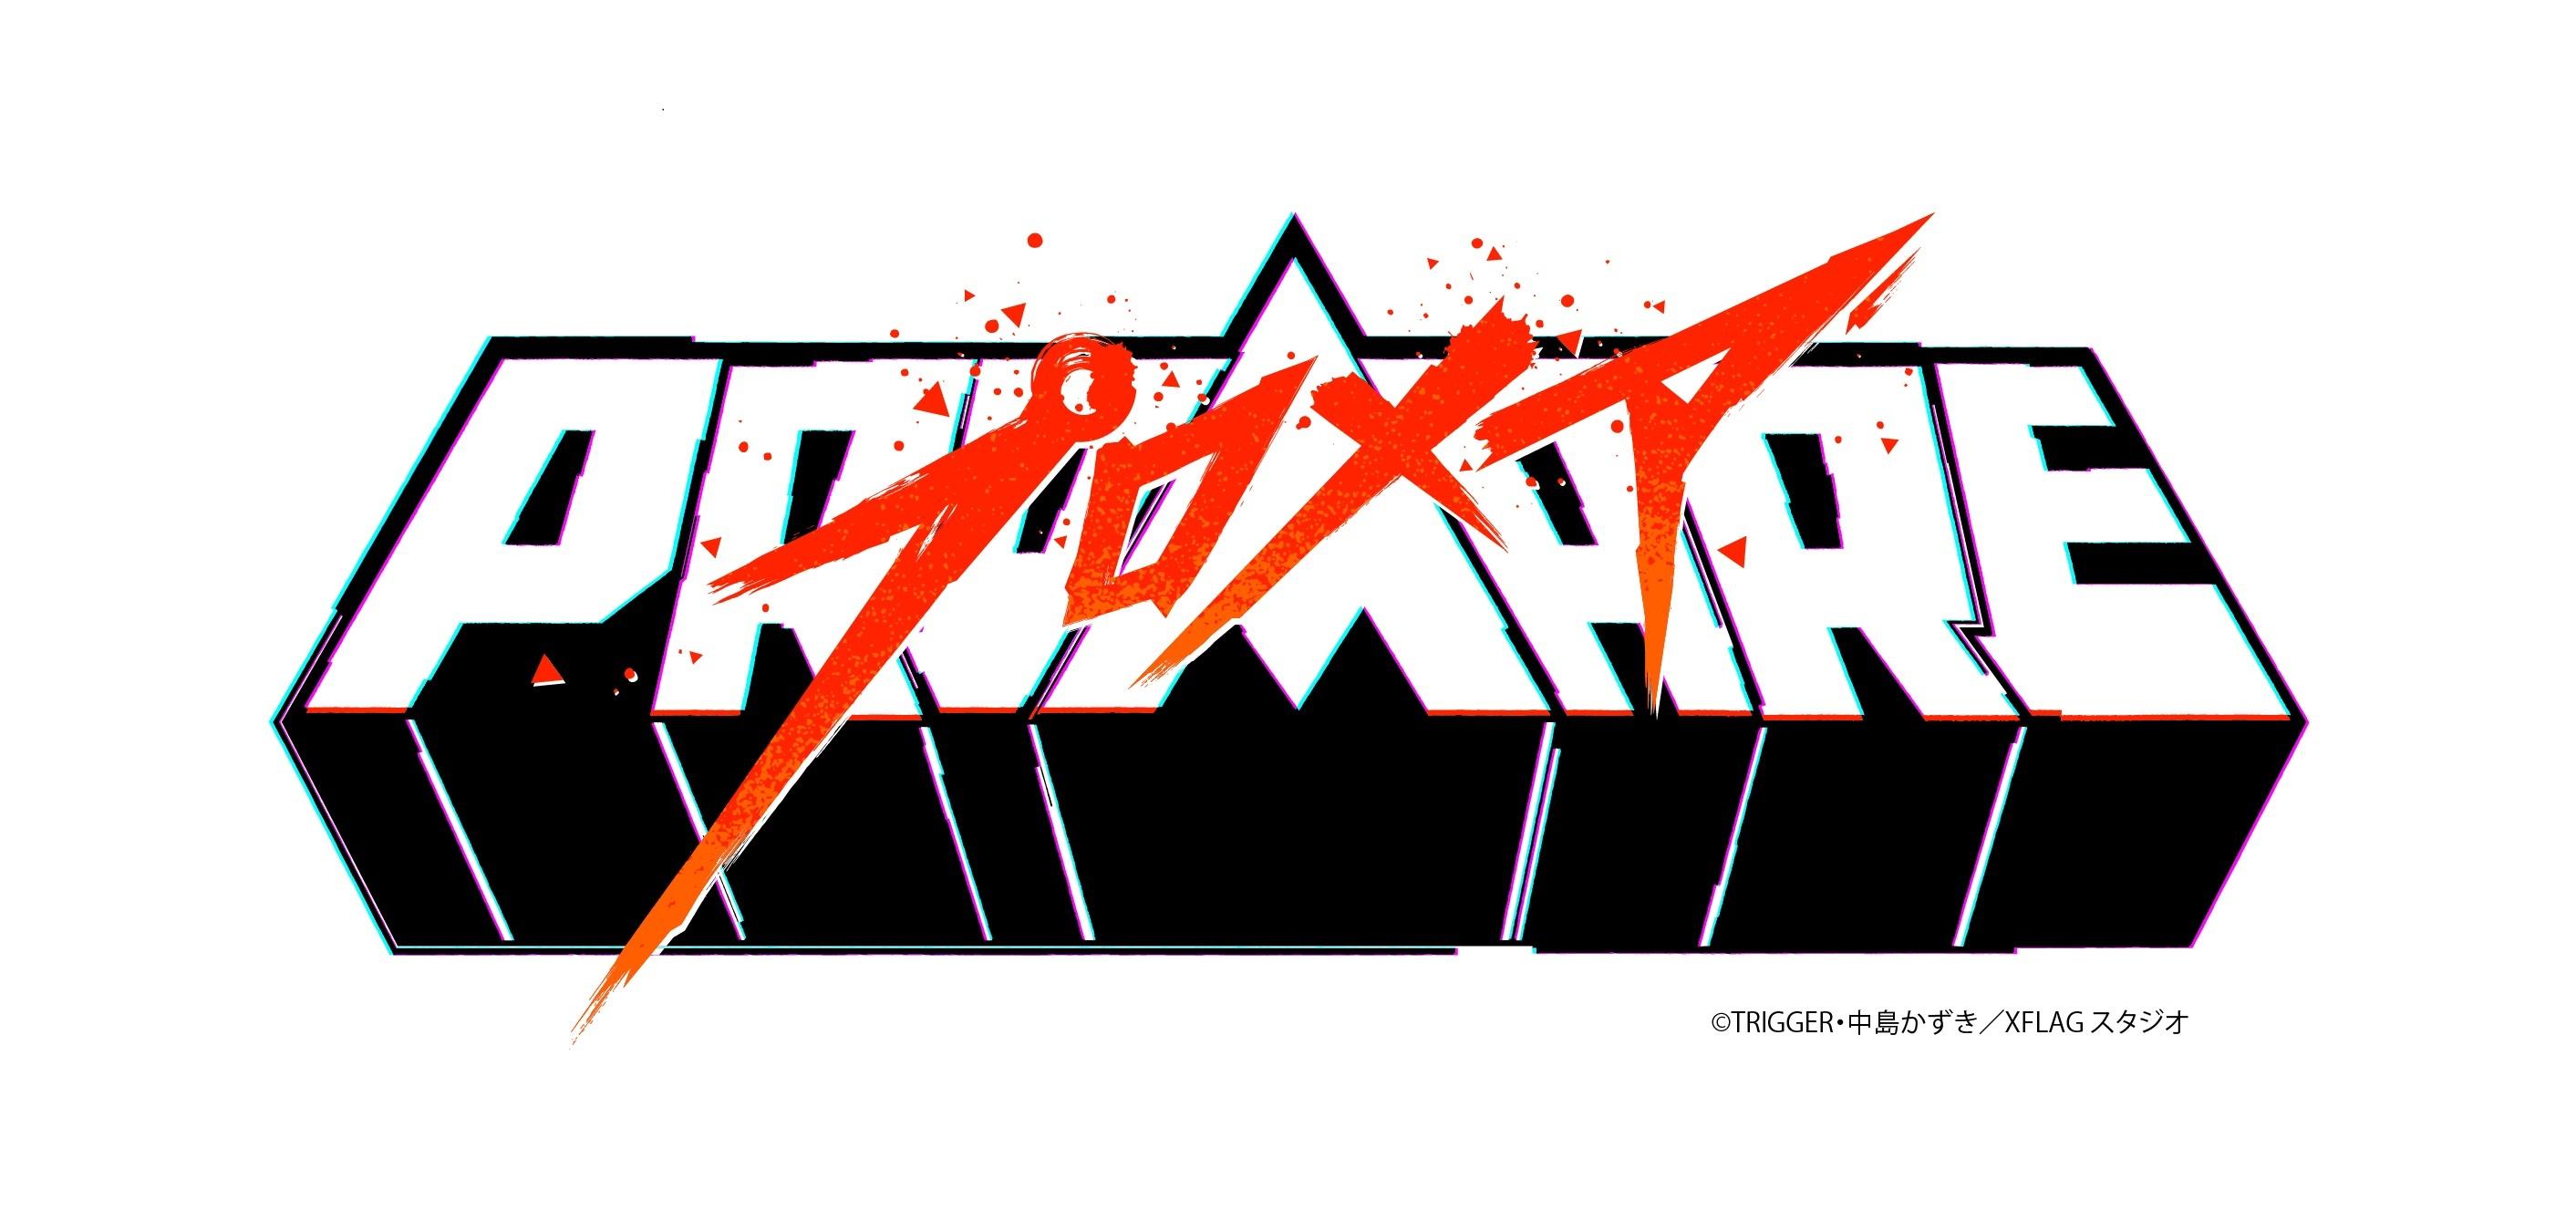 アニメ『プロメア』ロゴ